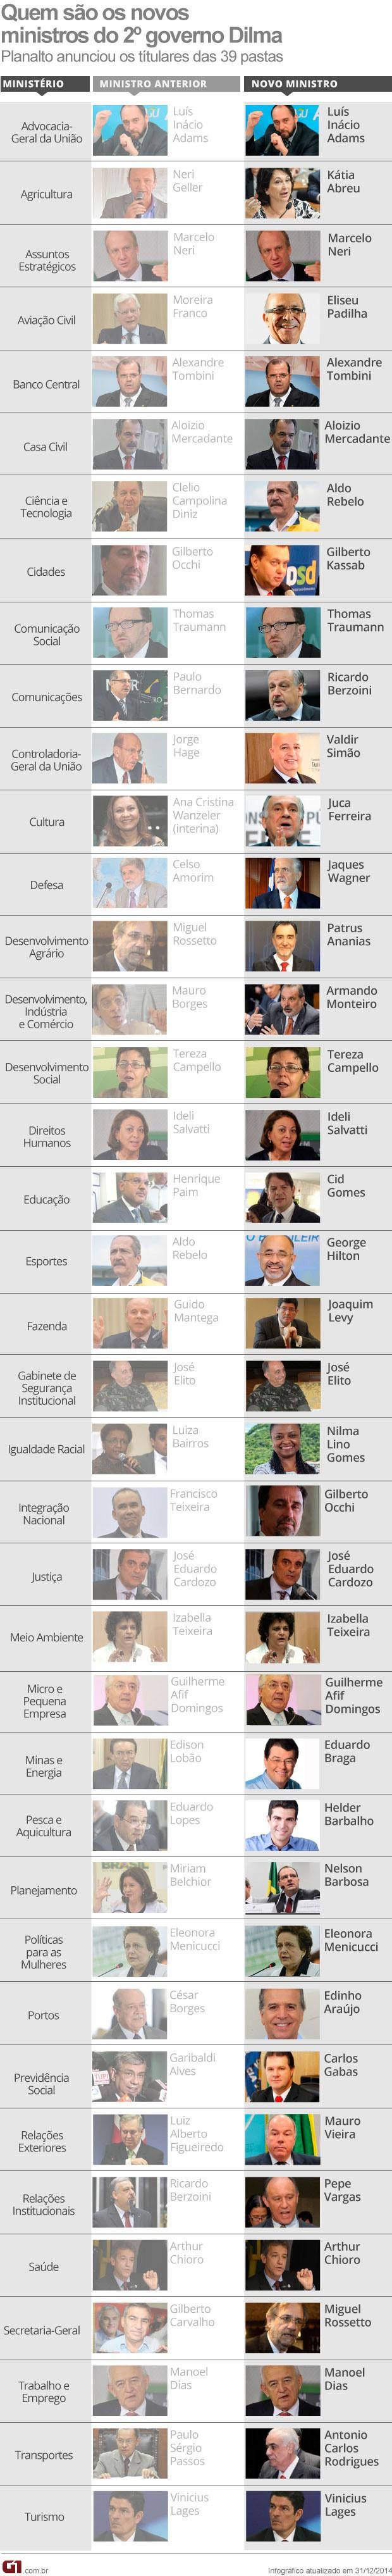 VERSÃO FINAL - Ministério Dilma (Foto: Editoria de Arte G1)